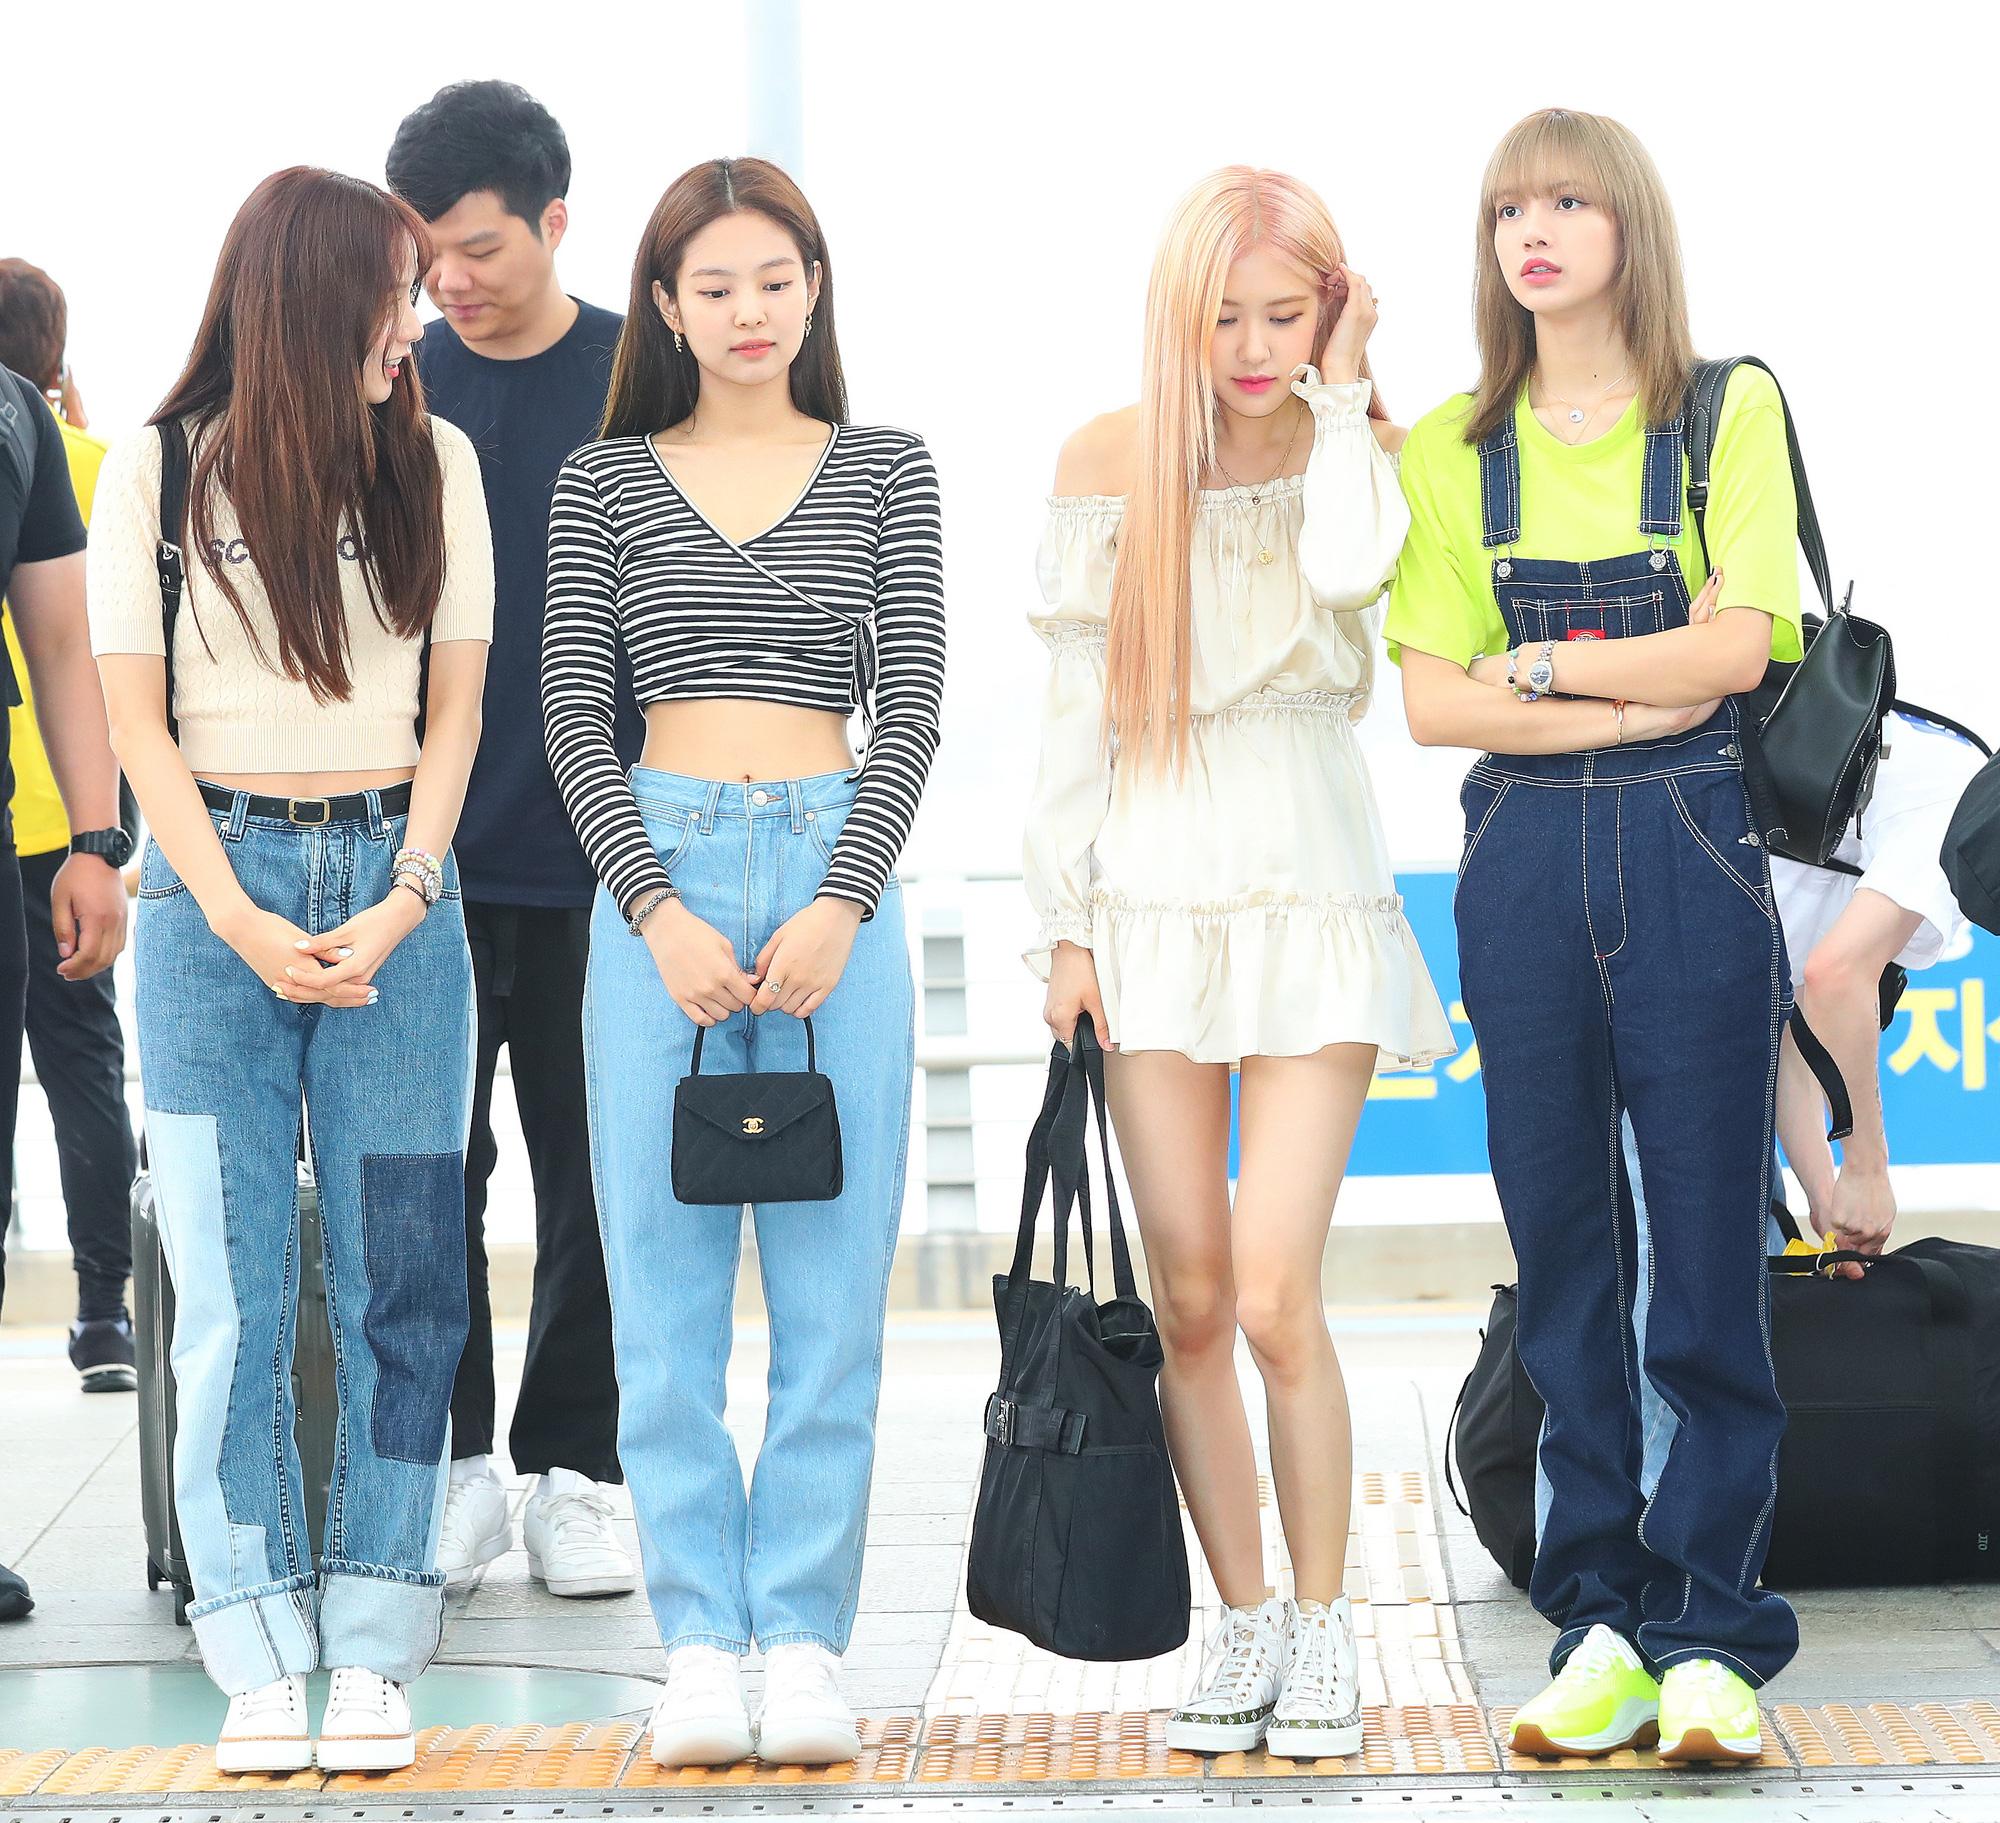 """H&M tung BST hợp tác với BLACKPINK nhưng bị netizen chê tơi tả vì quê kiểng: """"Như hàng chợ, may ra chỉ có Jennie cứu được"""" - Ảnh 1."""